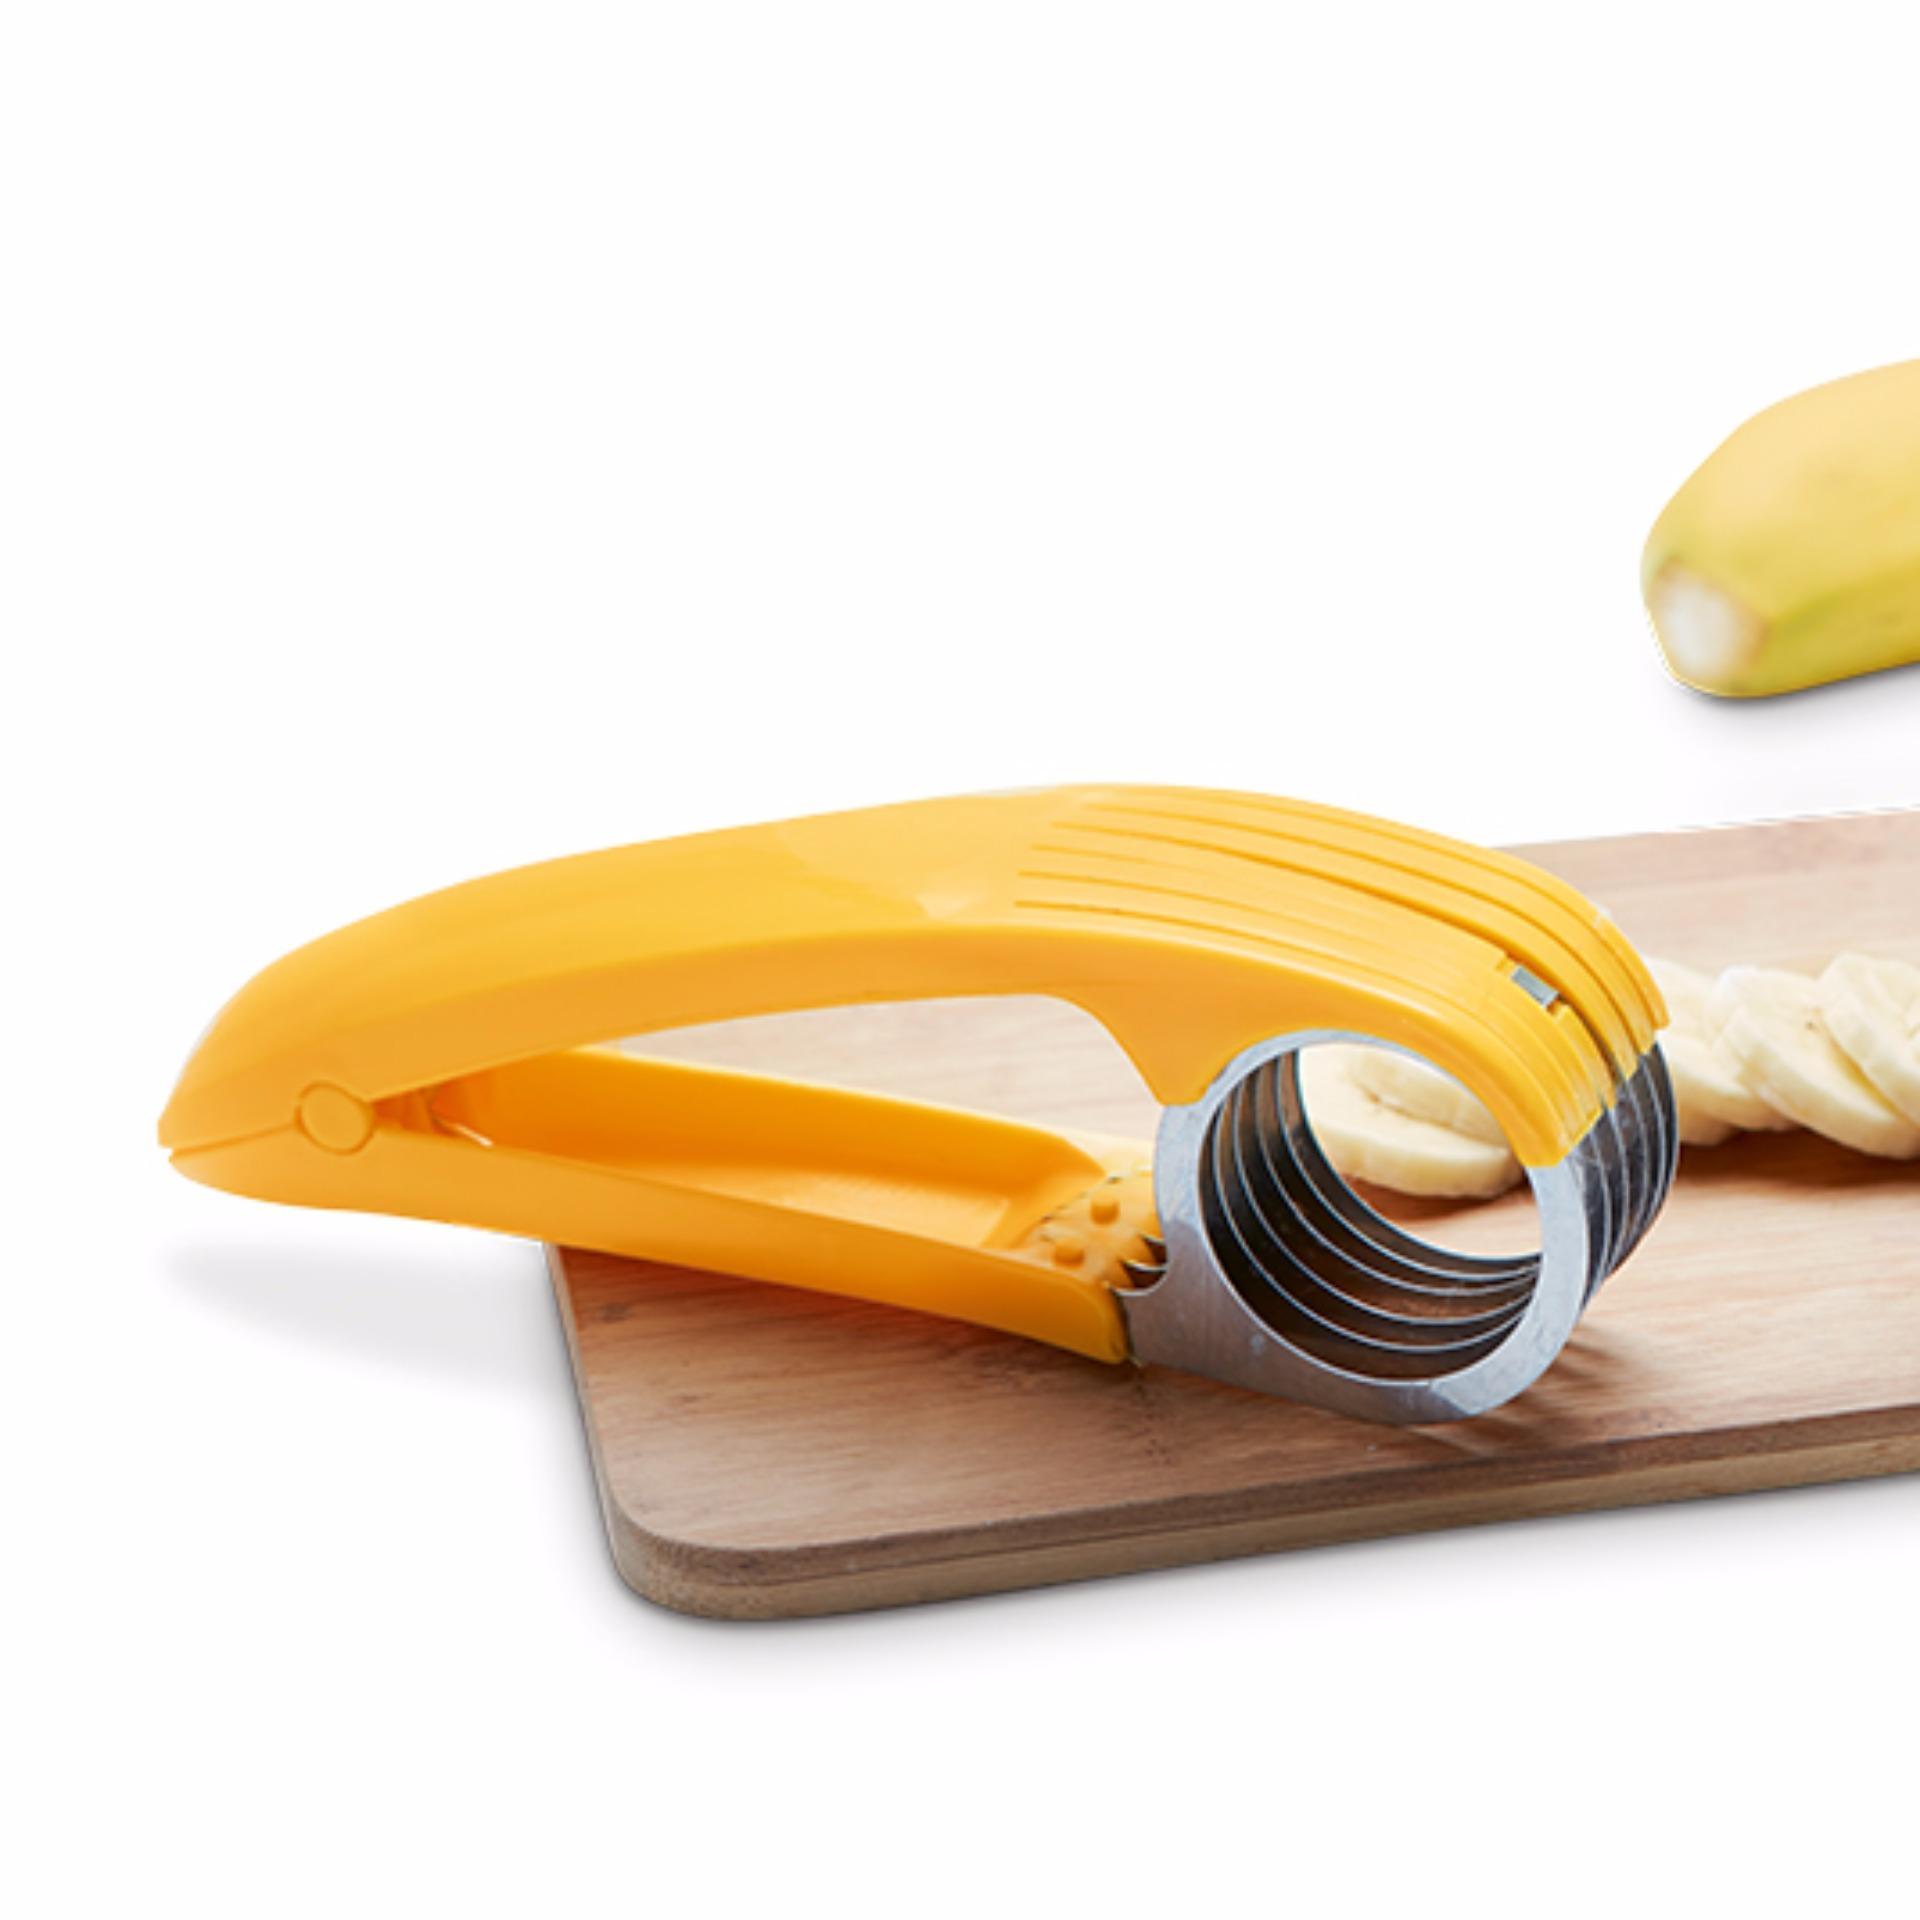 Kehebatan Payung Lipat Pisang Um Banana Kuning Dan Harga Update Terbalik Gagang C Reverse Umbrella Kazbrella Sj0015 Pengiris Sosis Pisau Buah Pemotong Sayur Cutter